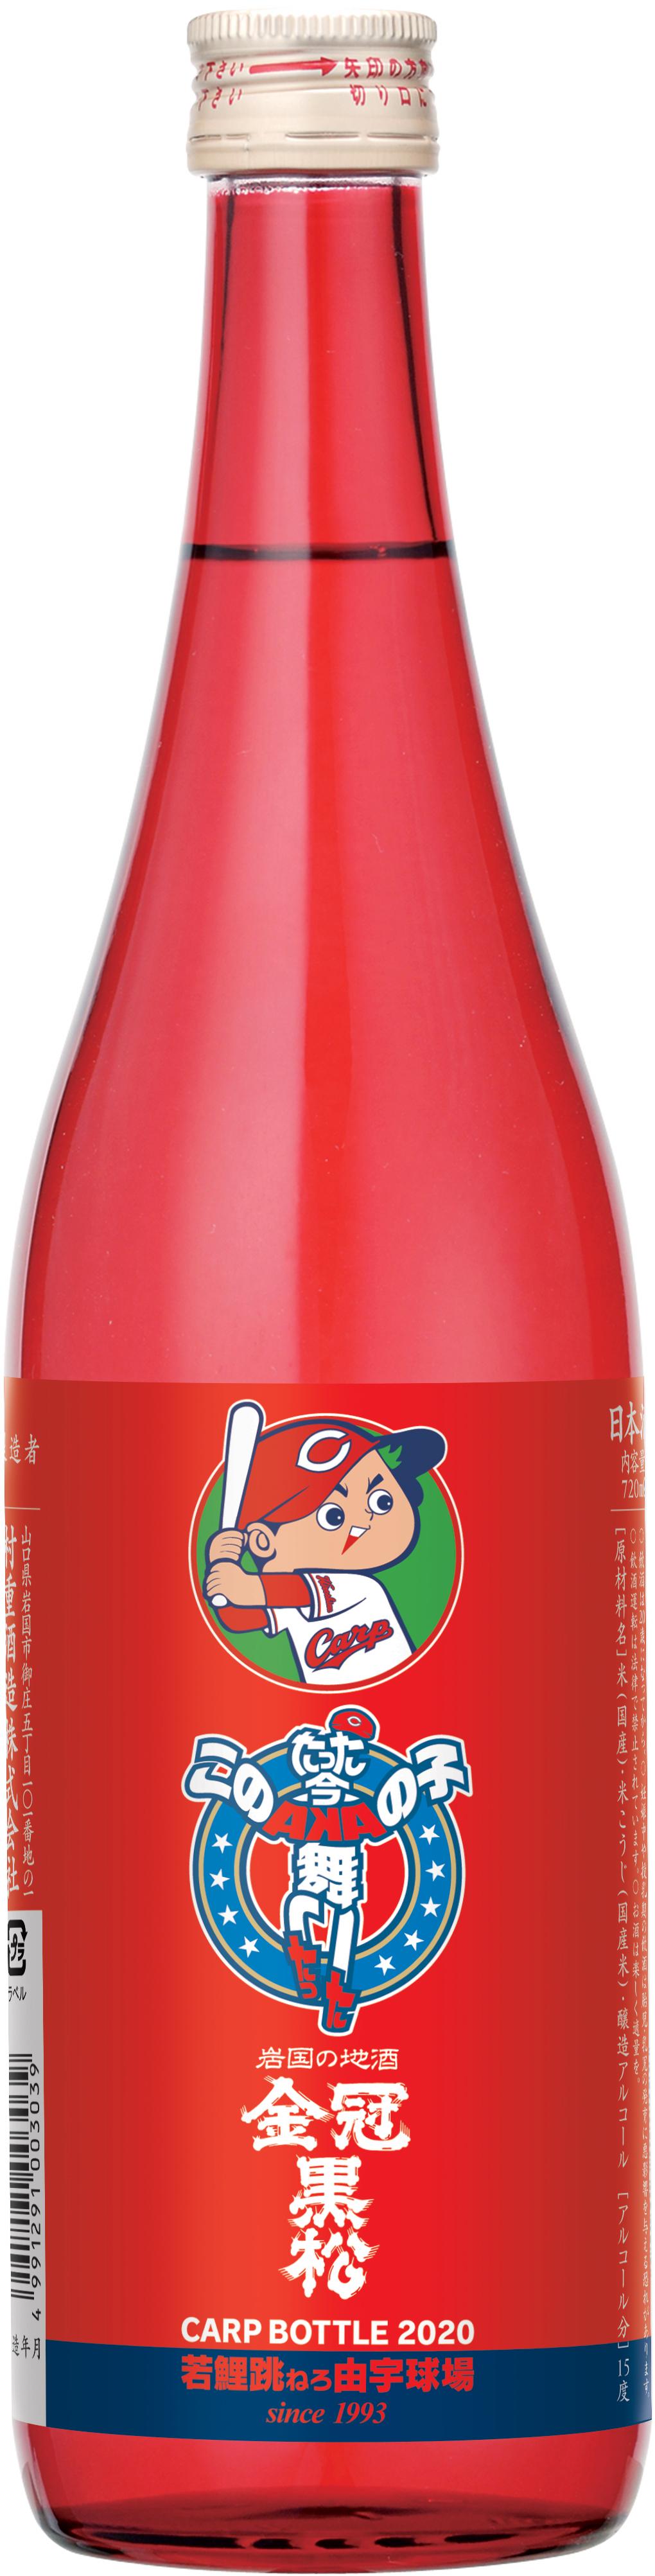 カープ応援ラベル酒720ml